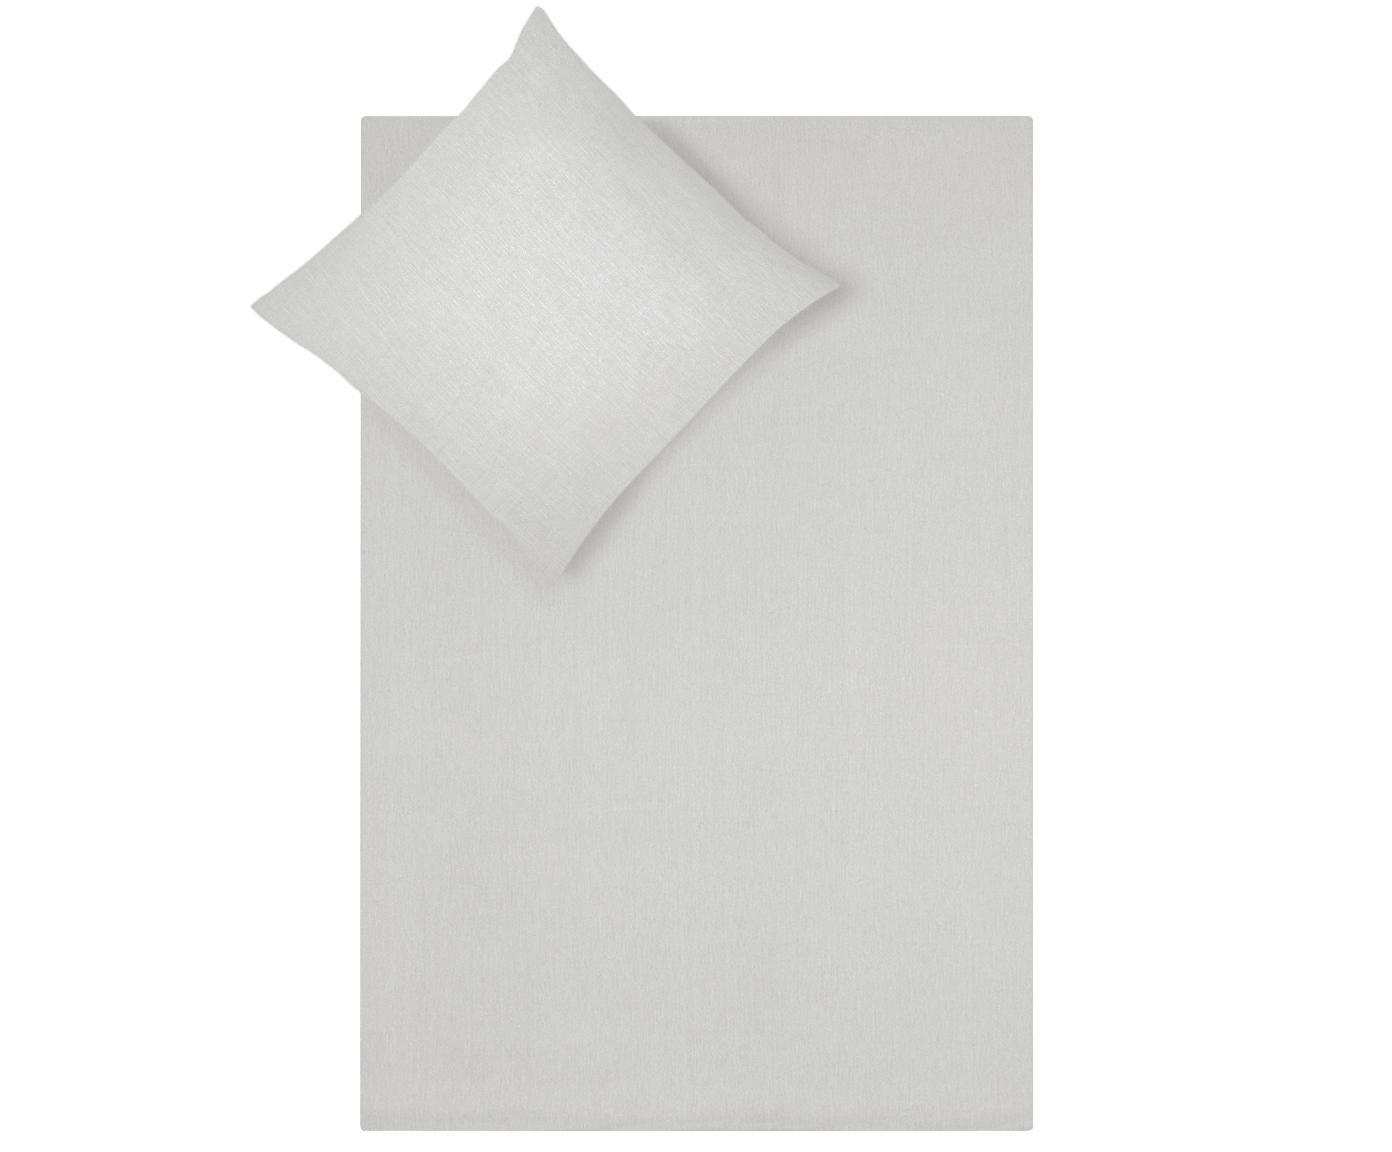 Pościel z bawełny z efektem sprania Arlene, Jasny szarobeżowy, 135 x 200 cm